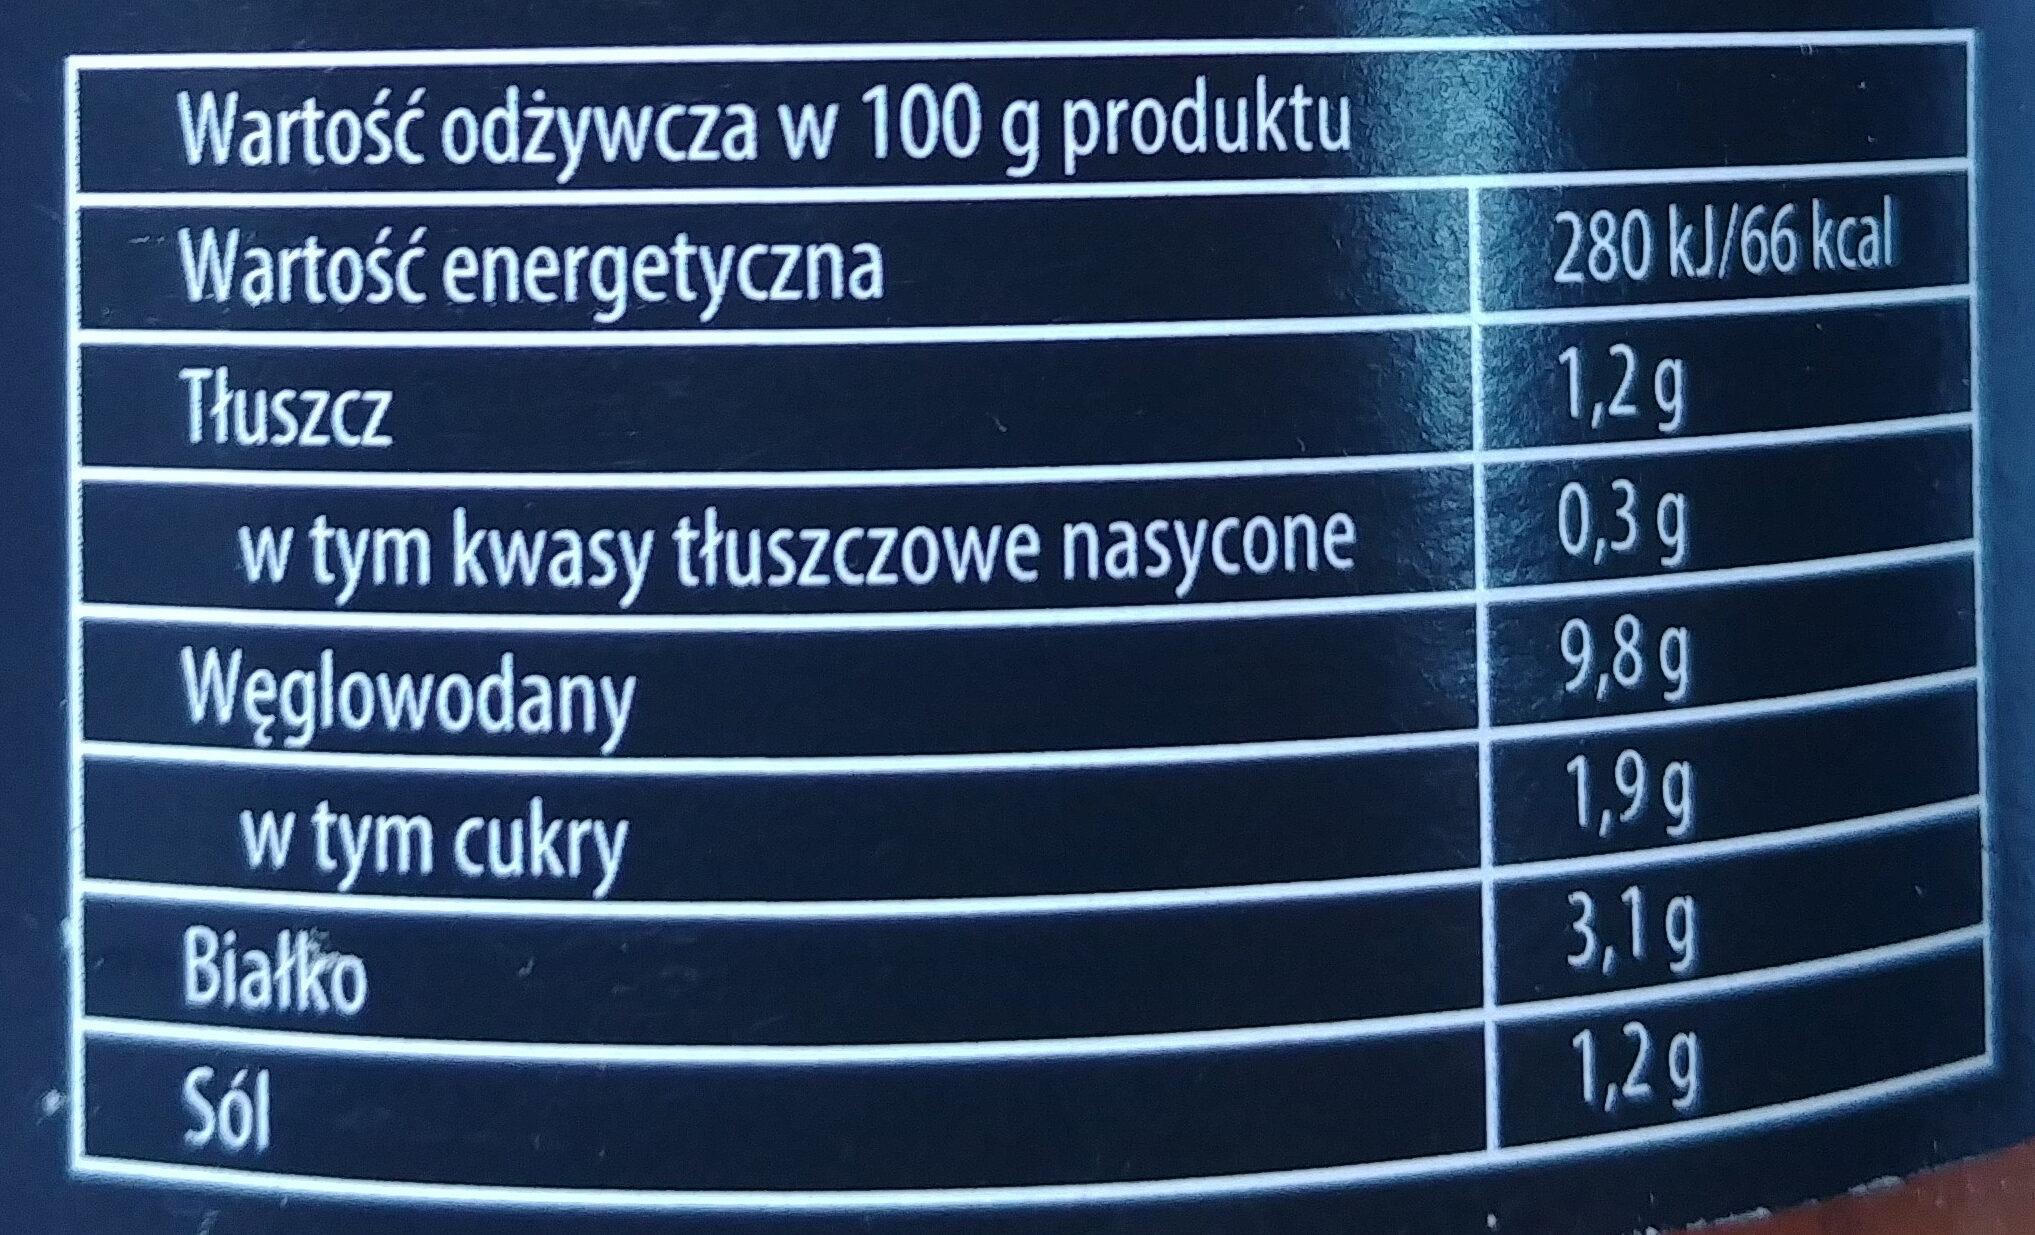 Fasolka po bretońsku z dodatkiem kiełbasy - Nutrition facts